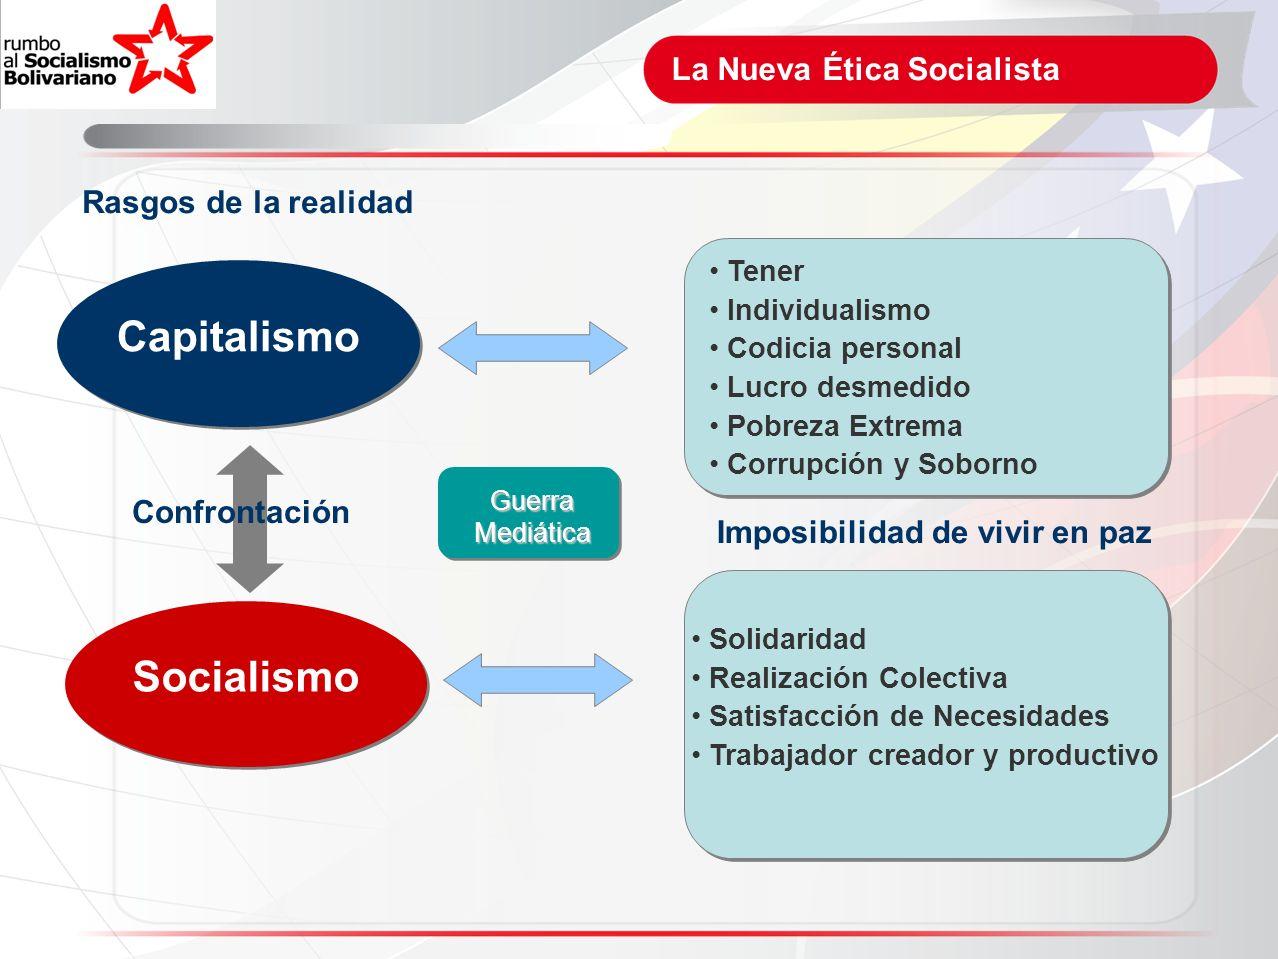 Proyecto Nacional Simón Bolívar Objetivos planteados por la Democracia Protagónica Revolucionaria : Alcanzar irrevocablemente la democracia protagónica revolucionaria.